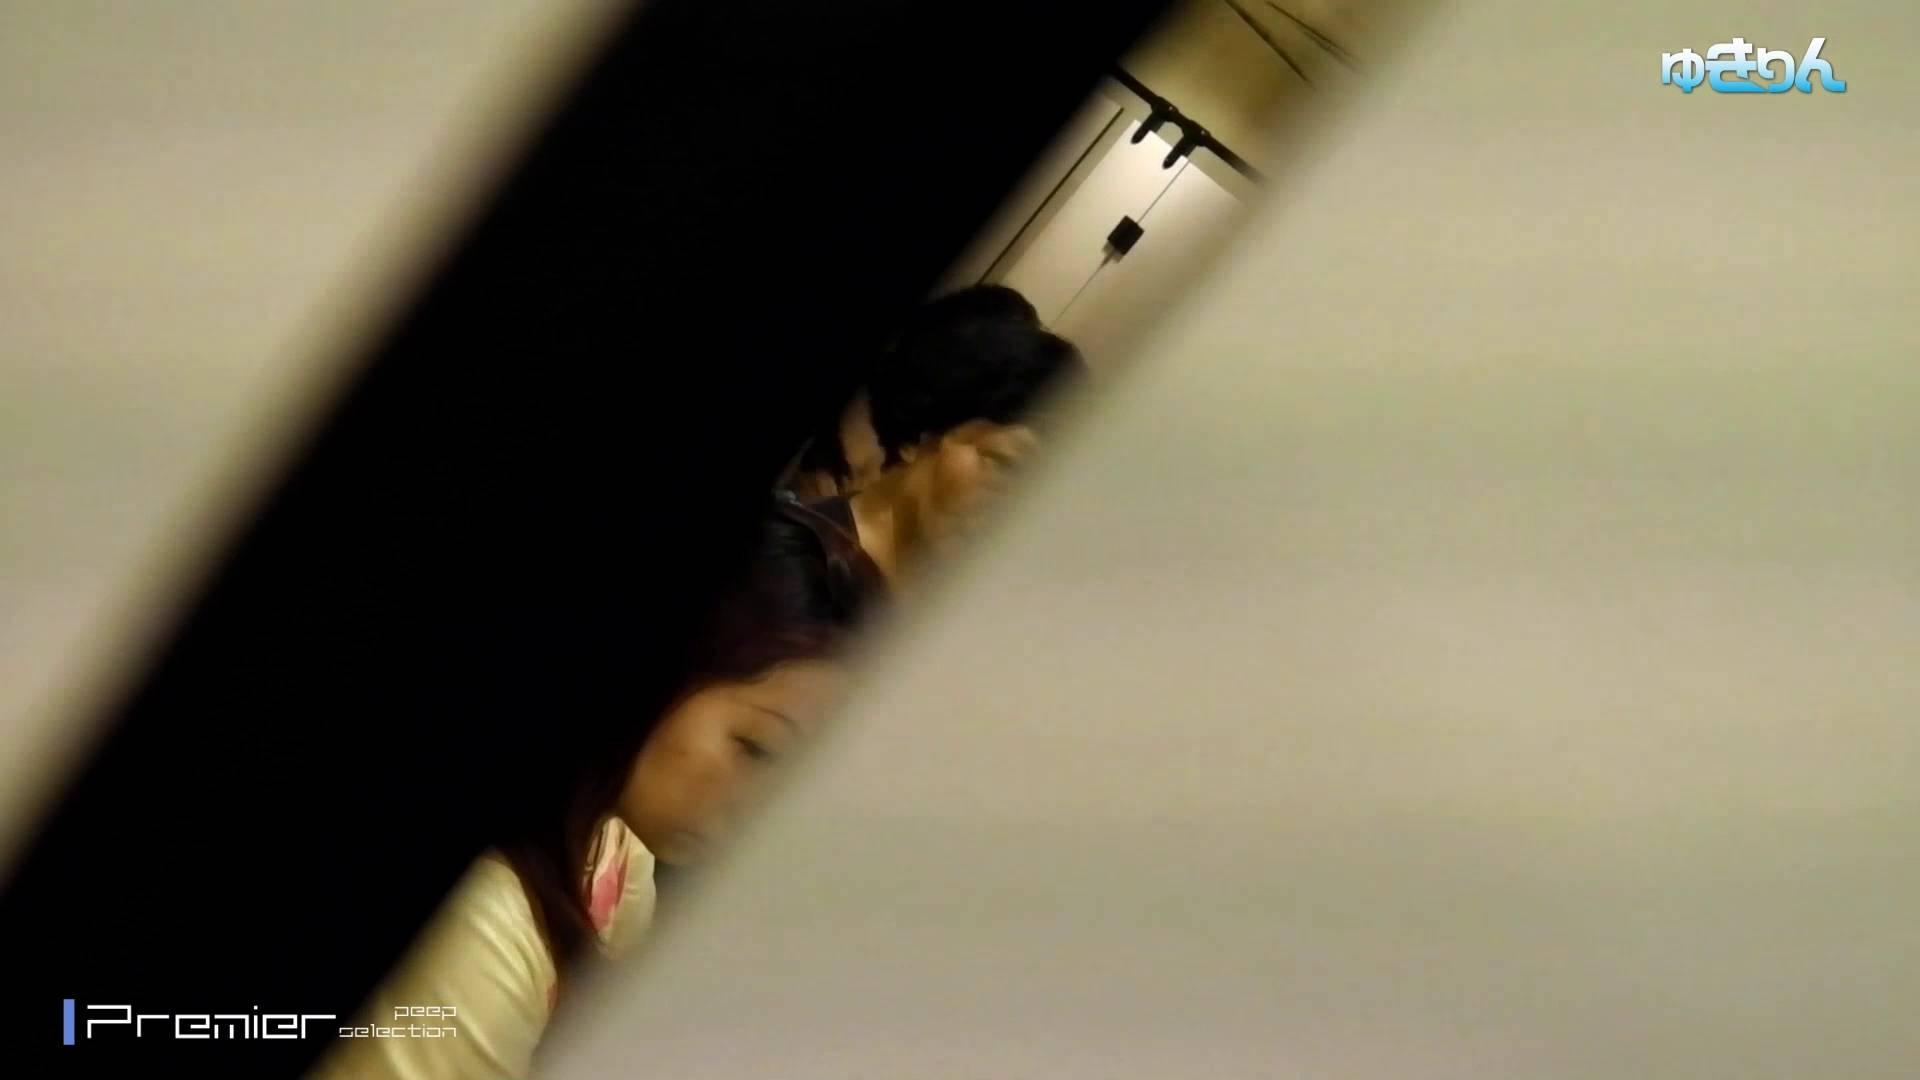 新世界の射窓 No89 あの有名のショーに出ているモデルが偶然に利用するという 洗面所 | 0  113画像 5